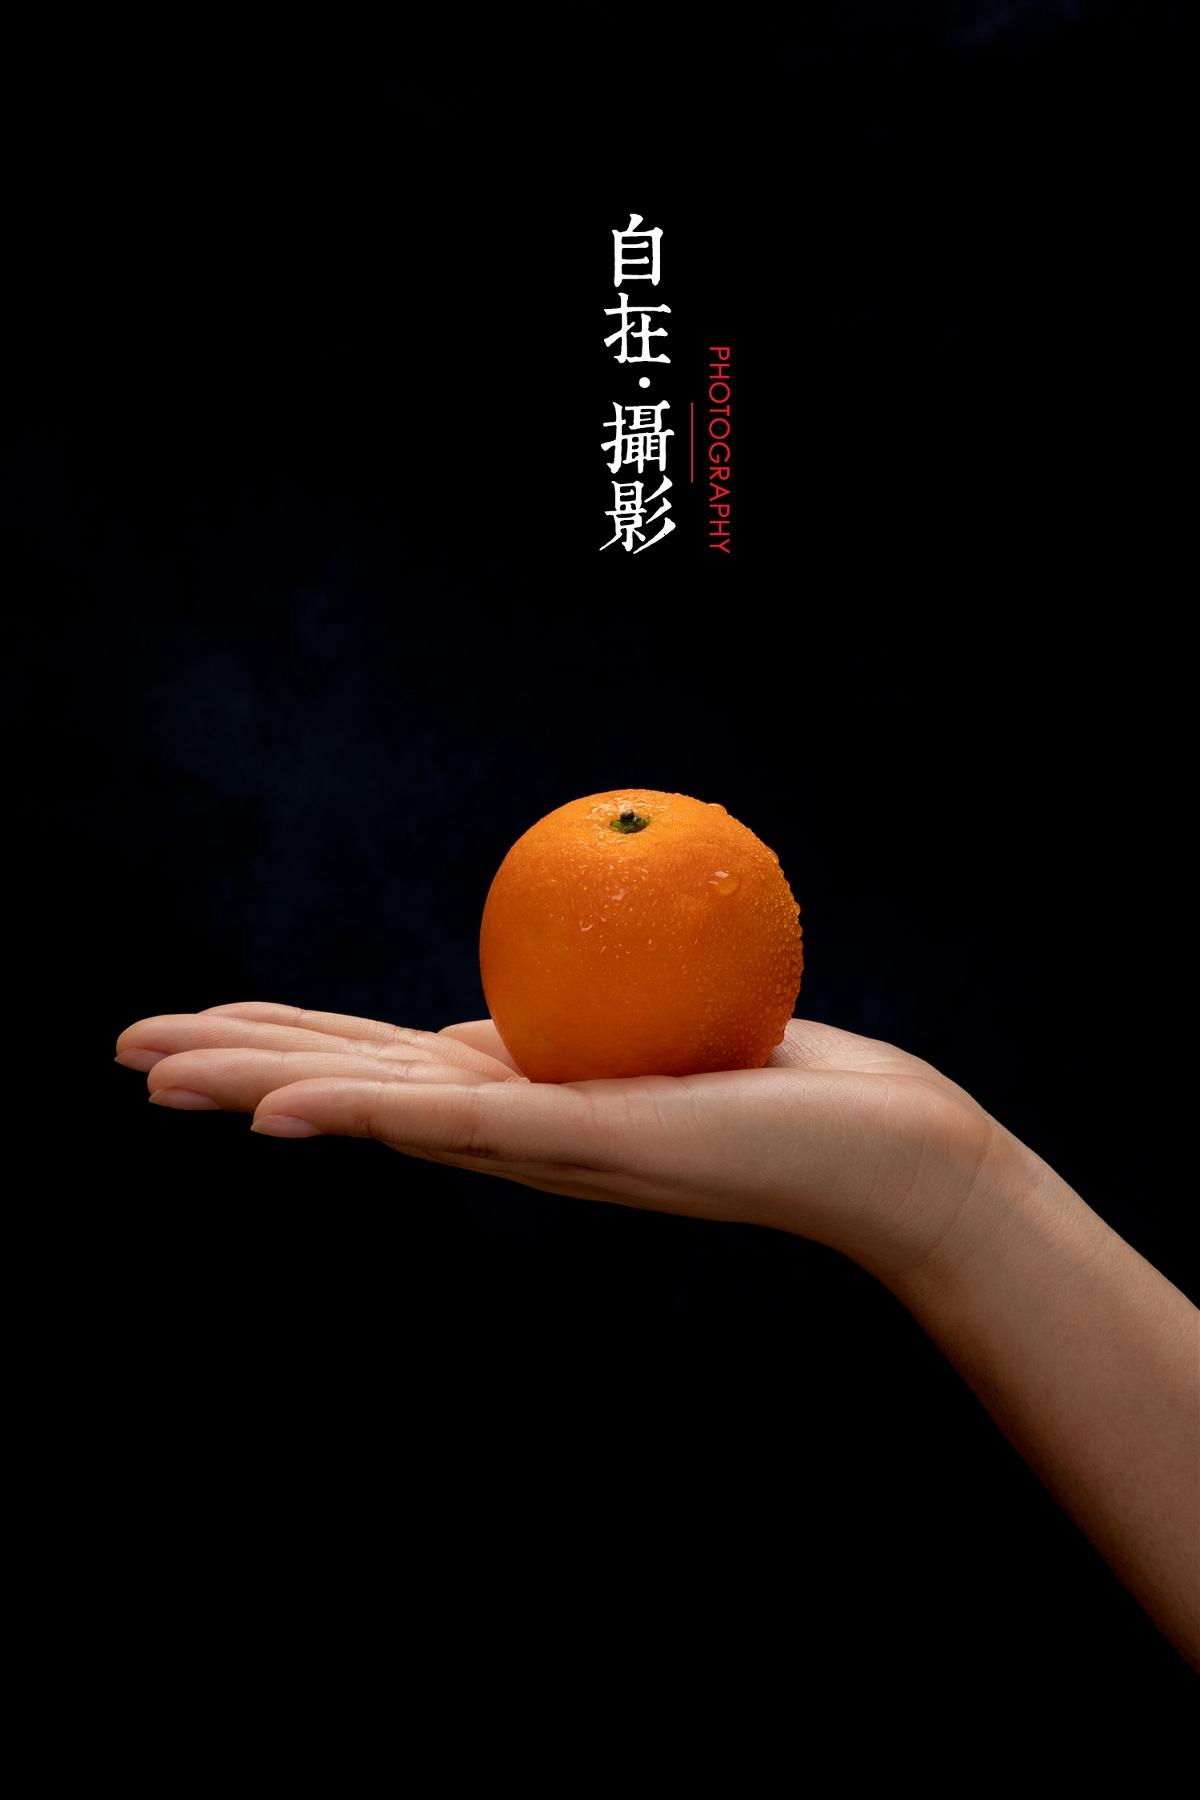 橙子 水果 产品摄影